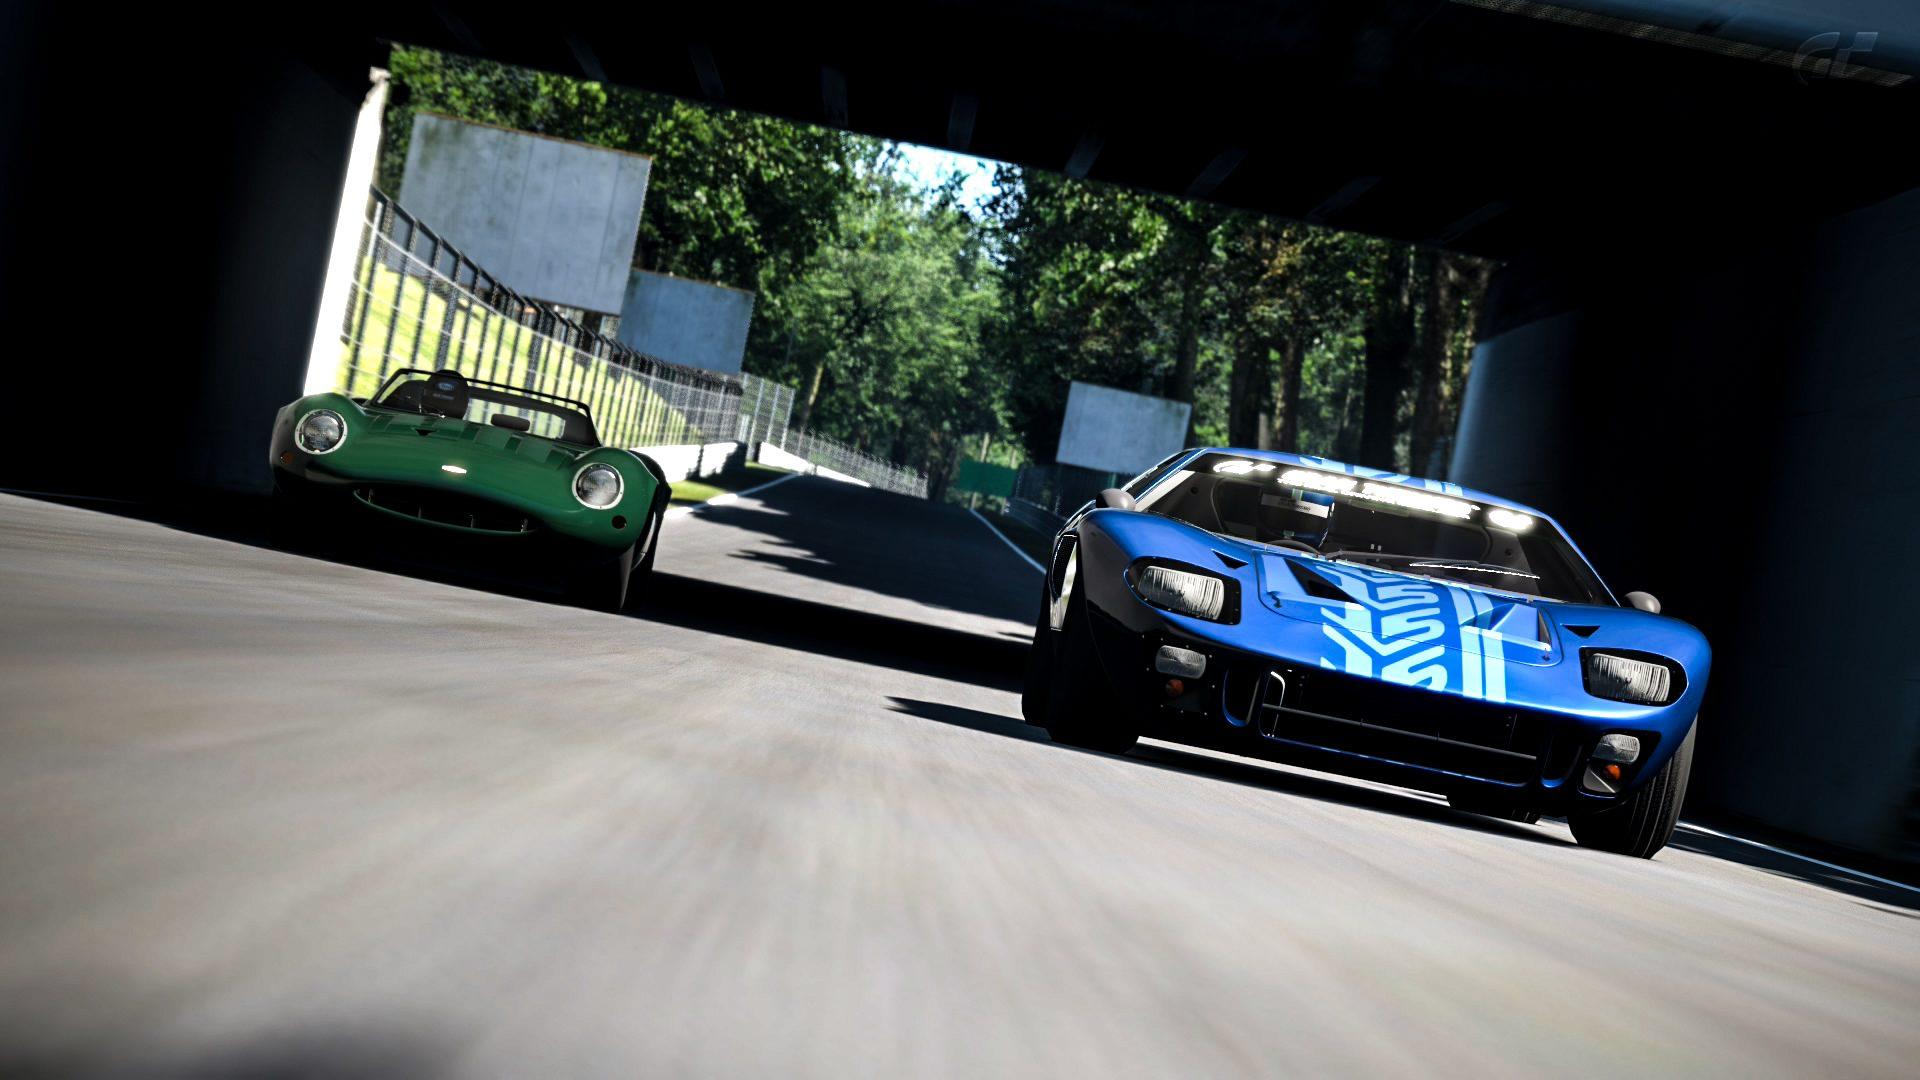 Autodromo-Nazionale-Monza-en-la-década-de-1980_9edited.jpg